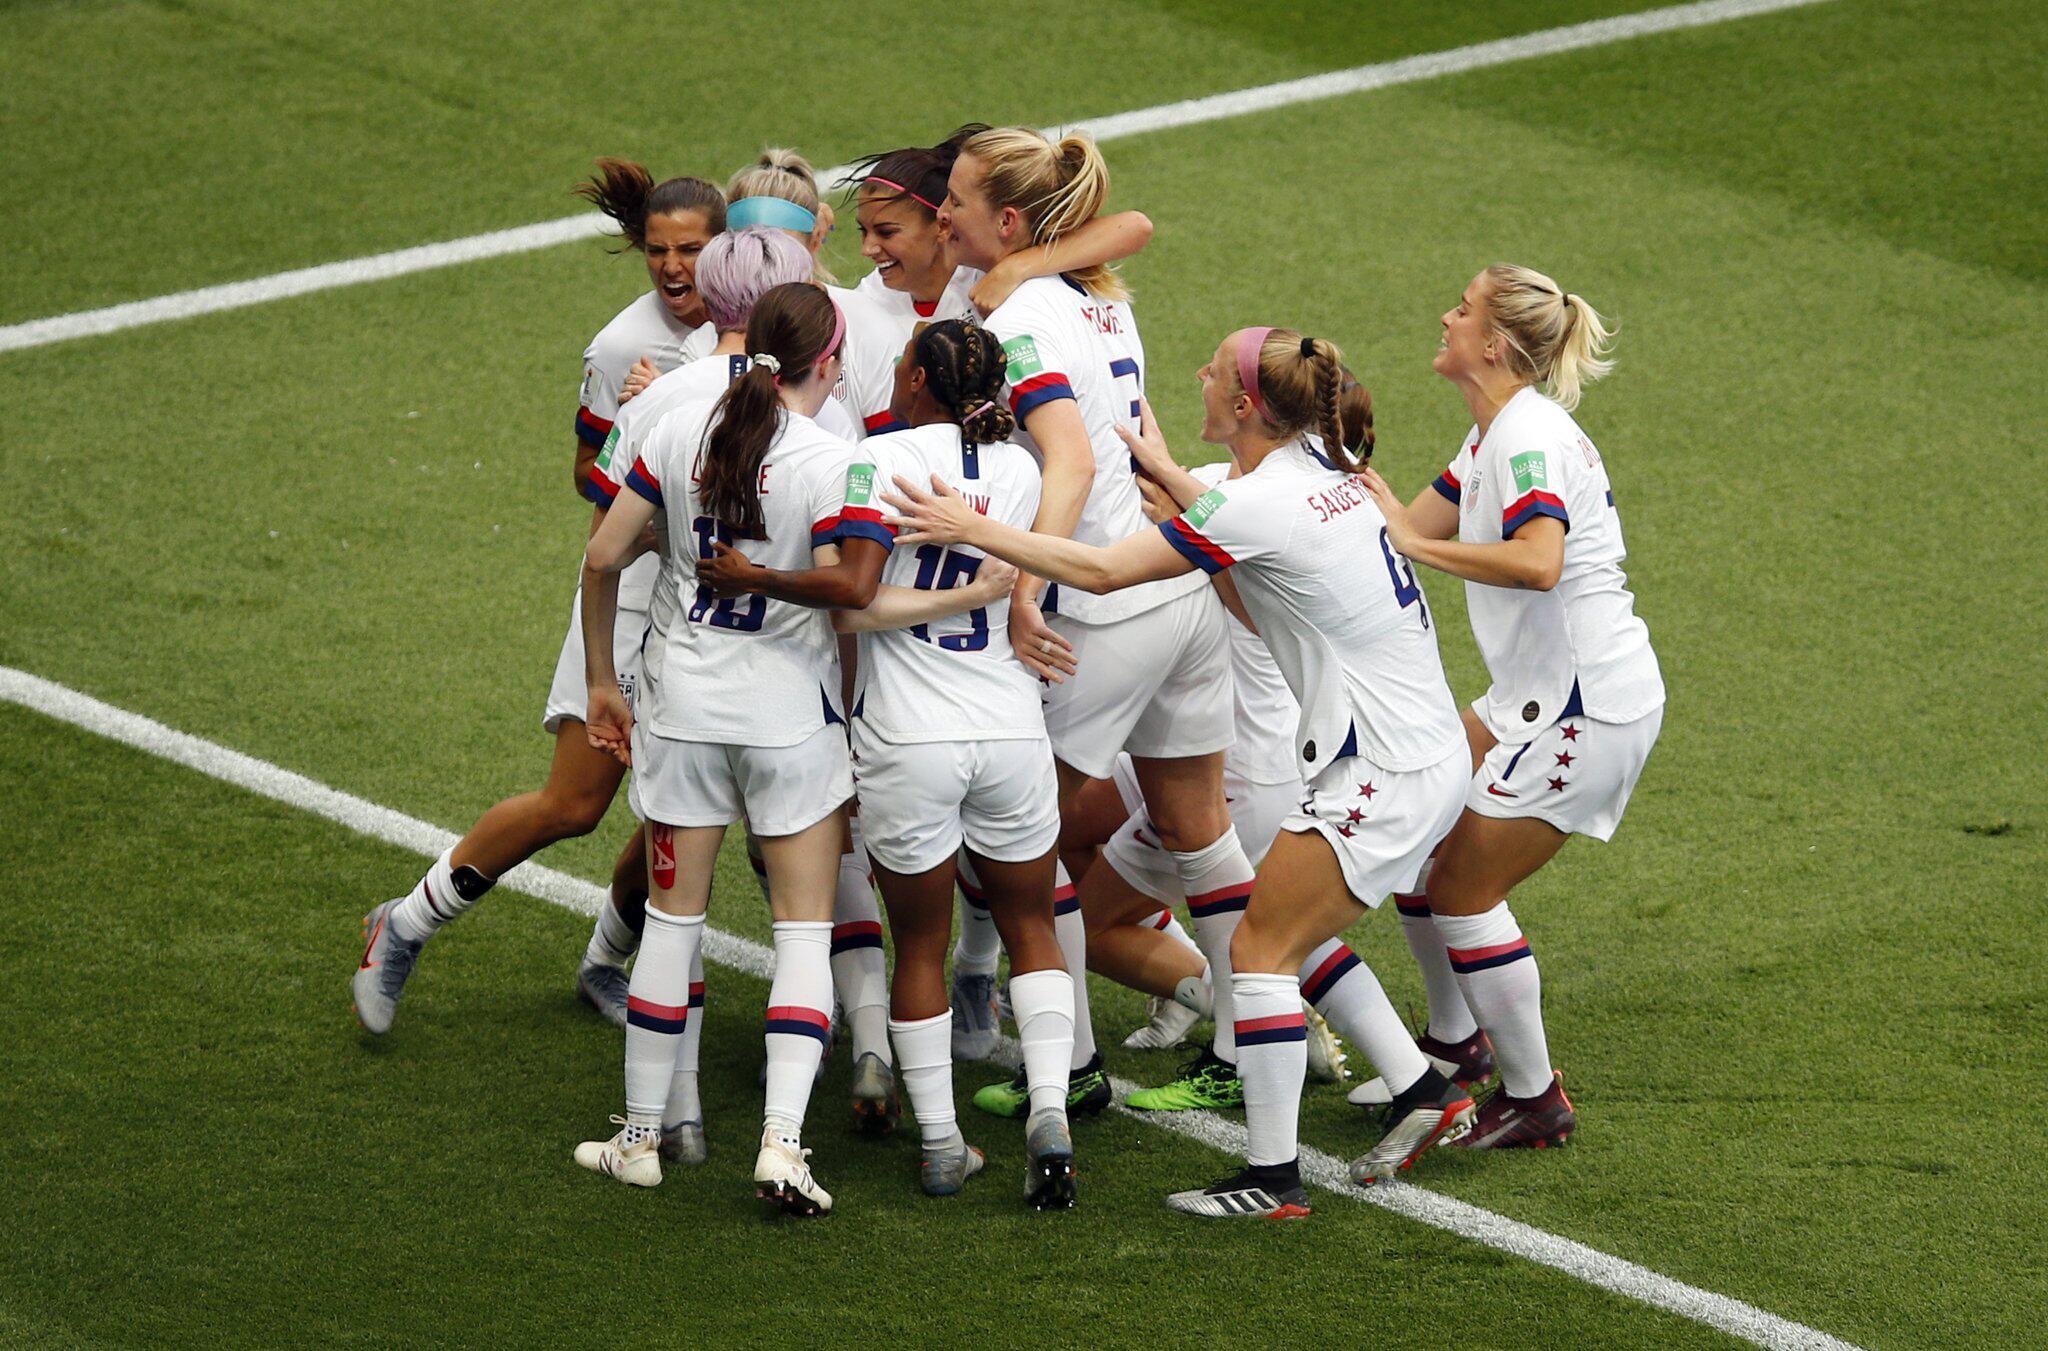 Bild zu Frauenfussball-WM - Frankreich - USA